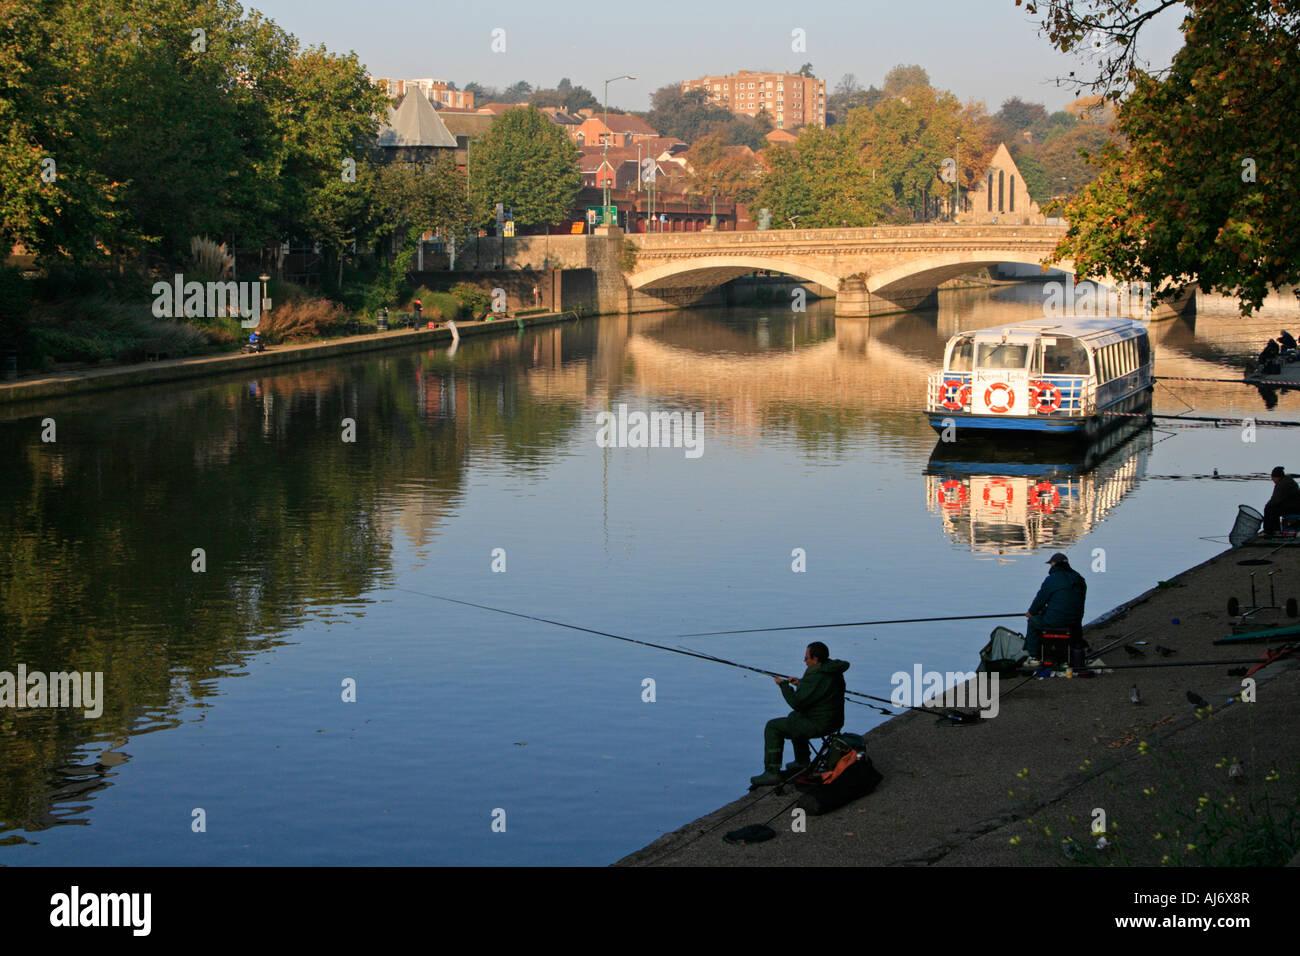 Maidstone fishing